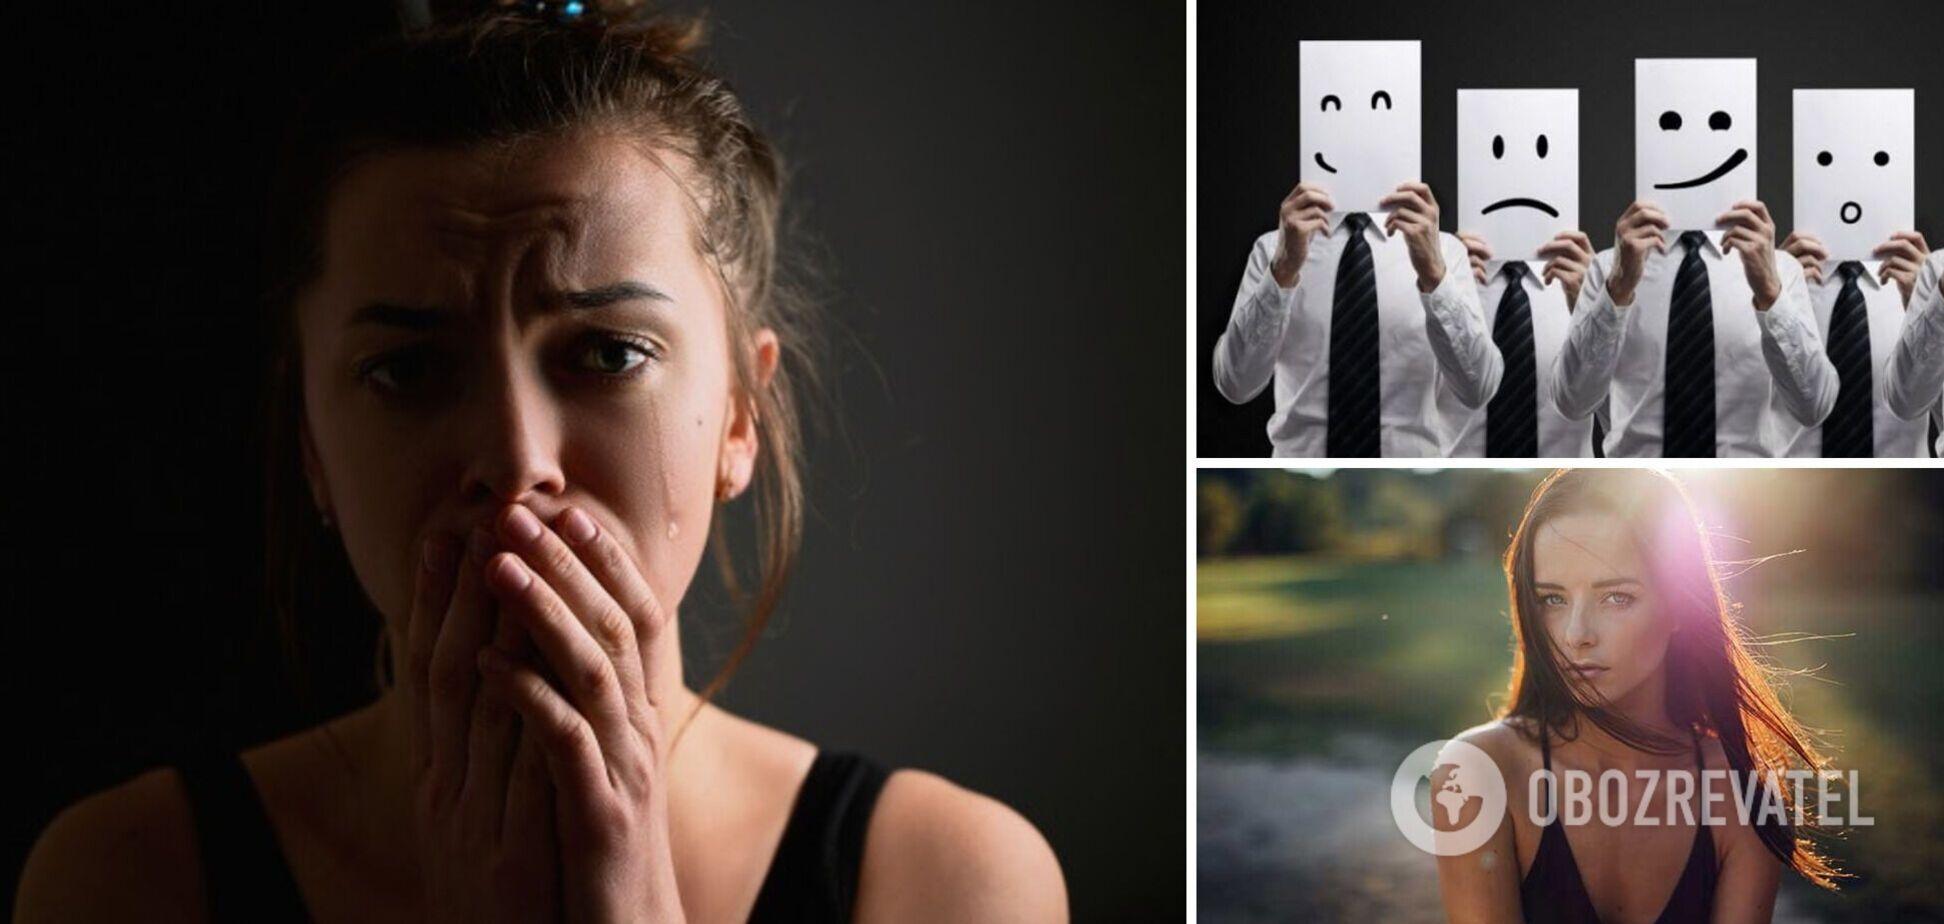 Чотири найбільш сентиментальні знаки зодіаку – не вміють контролювати емоції